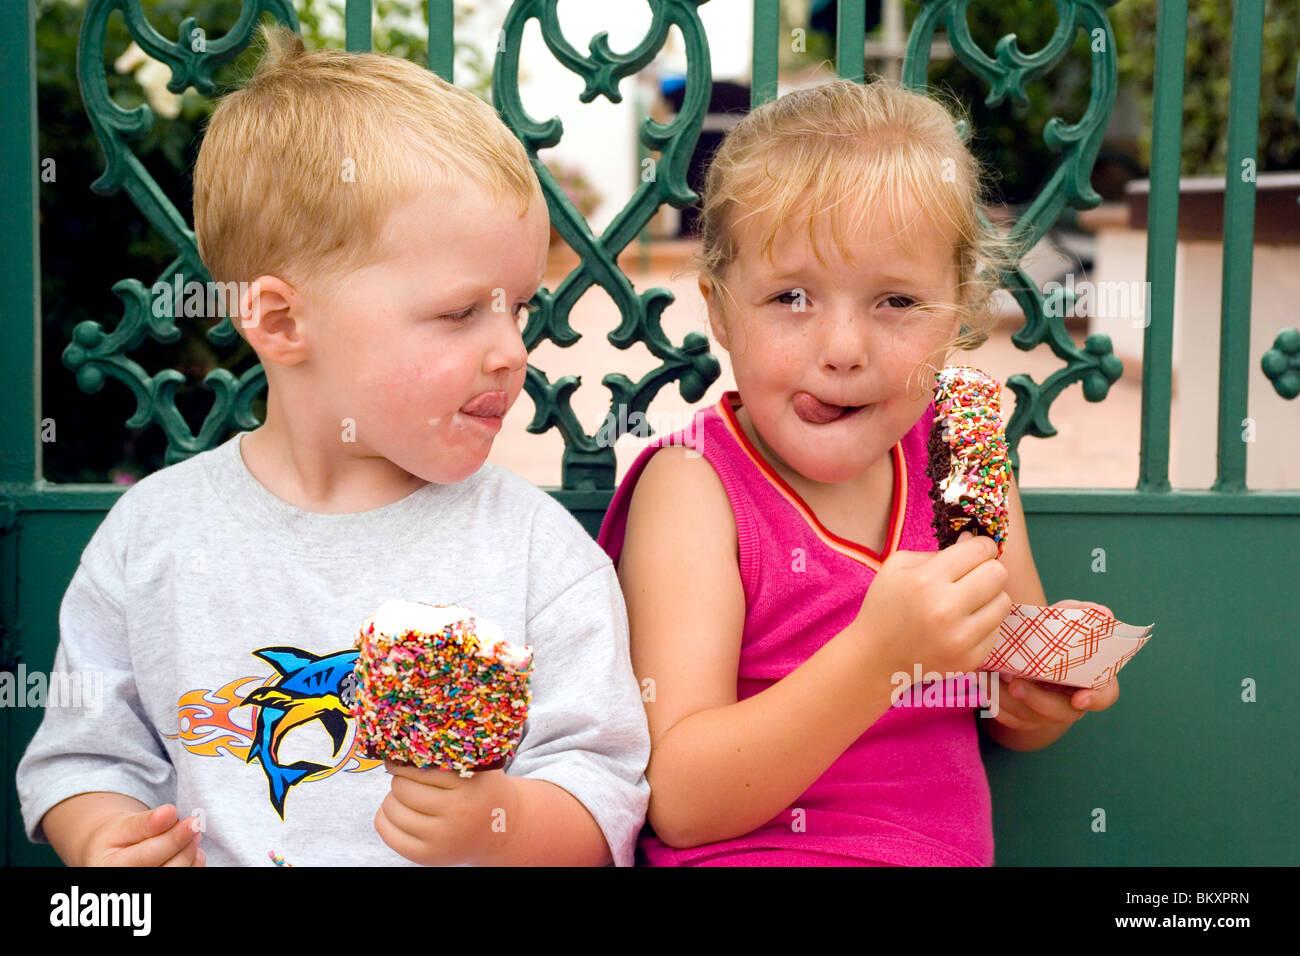 Un giovane fratello e sorella e godere di Balboa bar, un tradizionale e gustoso gelato trattare sull Isola Balboa Immagini Stock